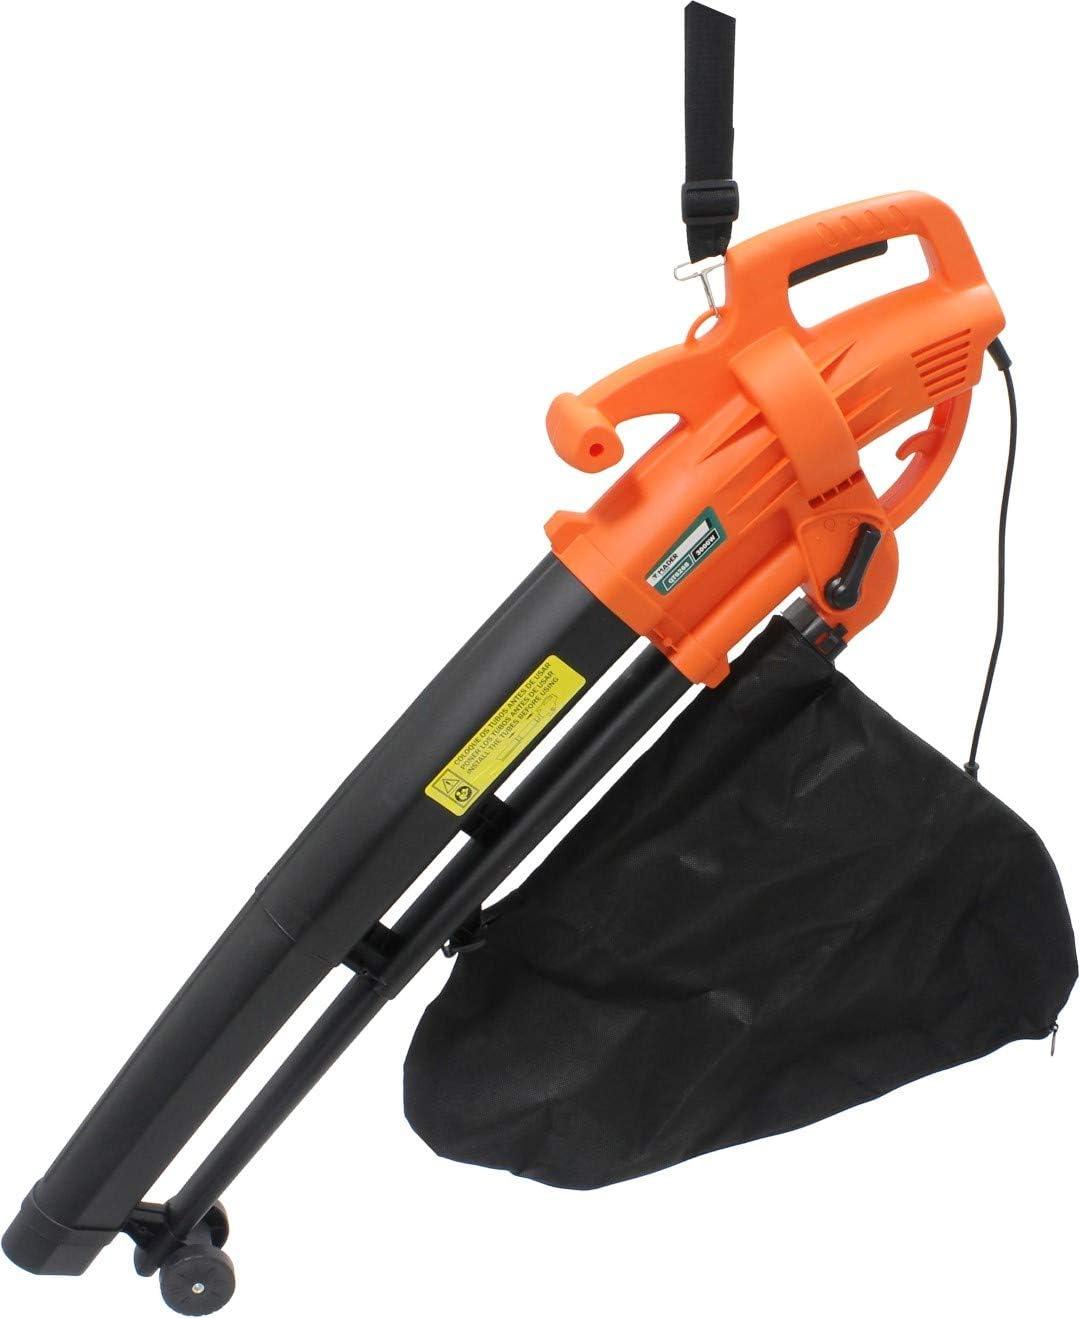 Mader Garden Tools 49244 Soplador/Aspirador 3000W 270Km/h-49244: Amazon.es: Bricolaje y herramientas